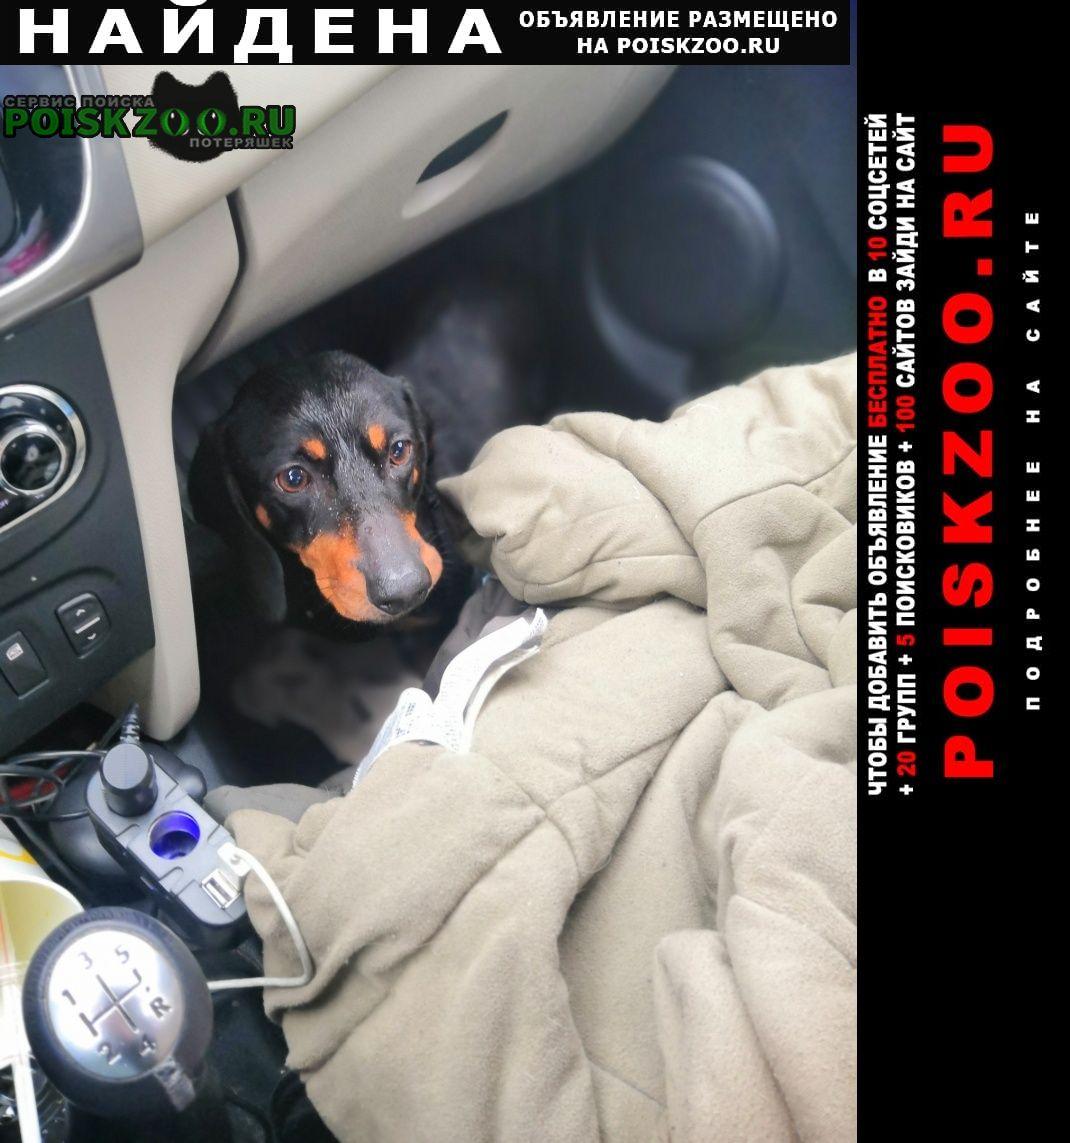 Найдена собака Калязин